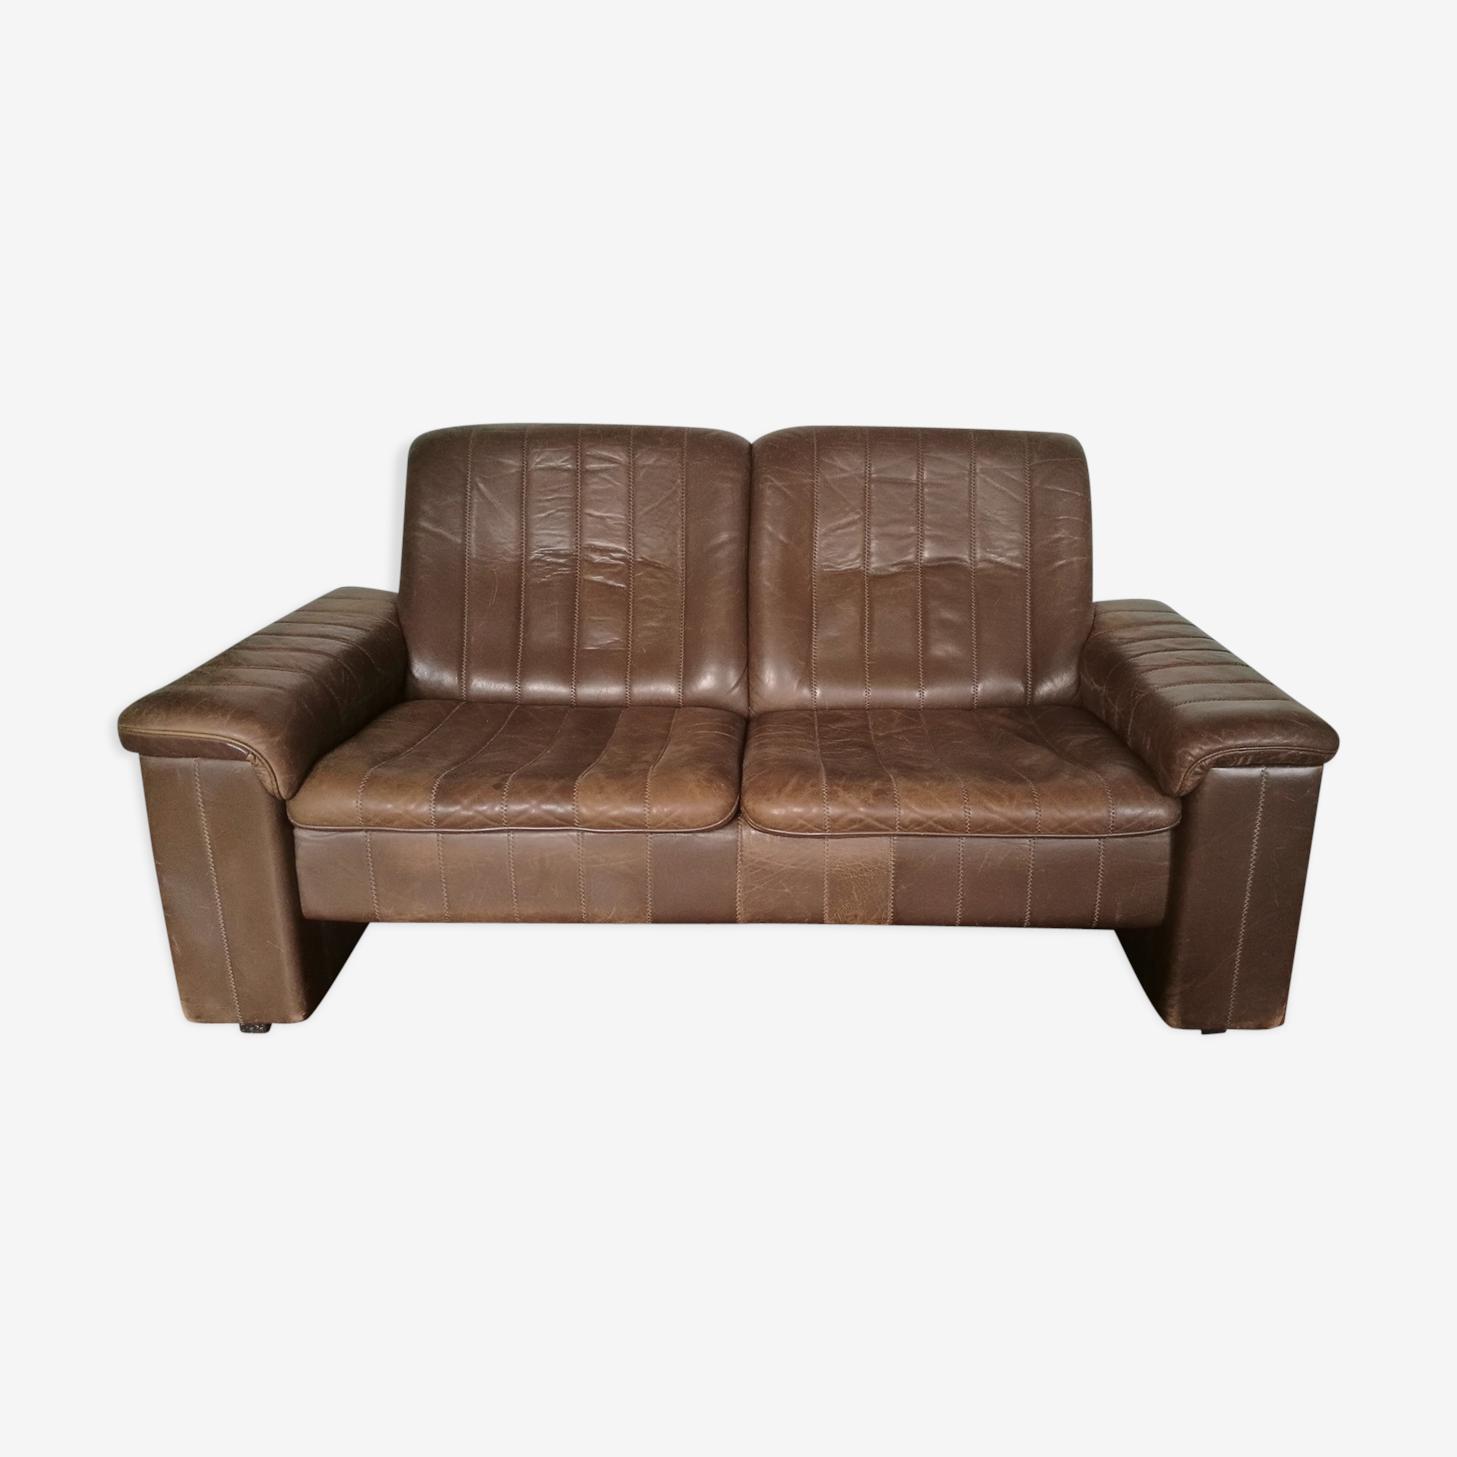 Sofa leather 2 seater De Sede 1970